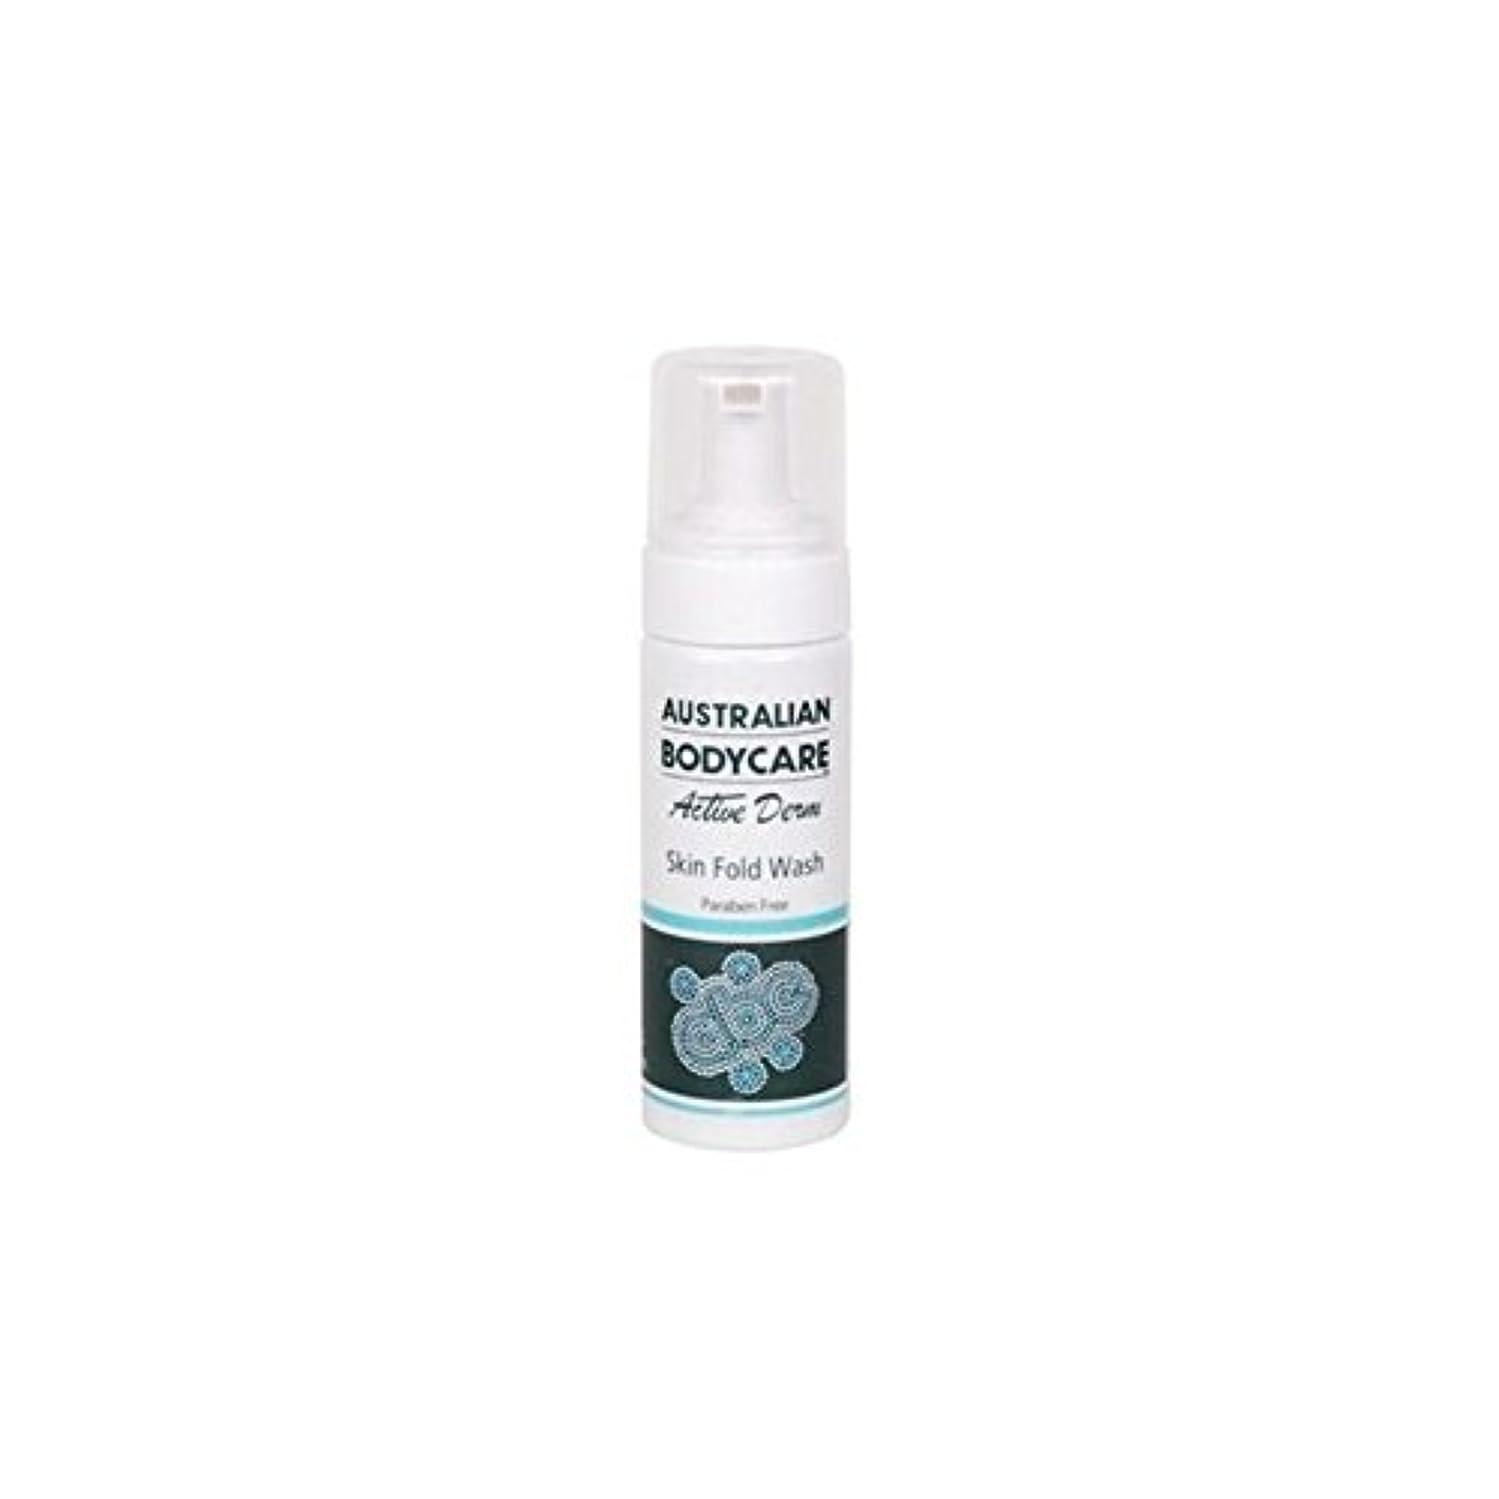 不安ホールコインAustralian Bodycare Active Derm Skin Fold Wash (150ml) - オーストラリアのボディケアアクティブダームの皮膚のひだの洗浄(150ミリリットル) [並行輸入品]